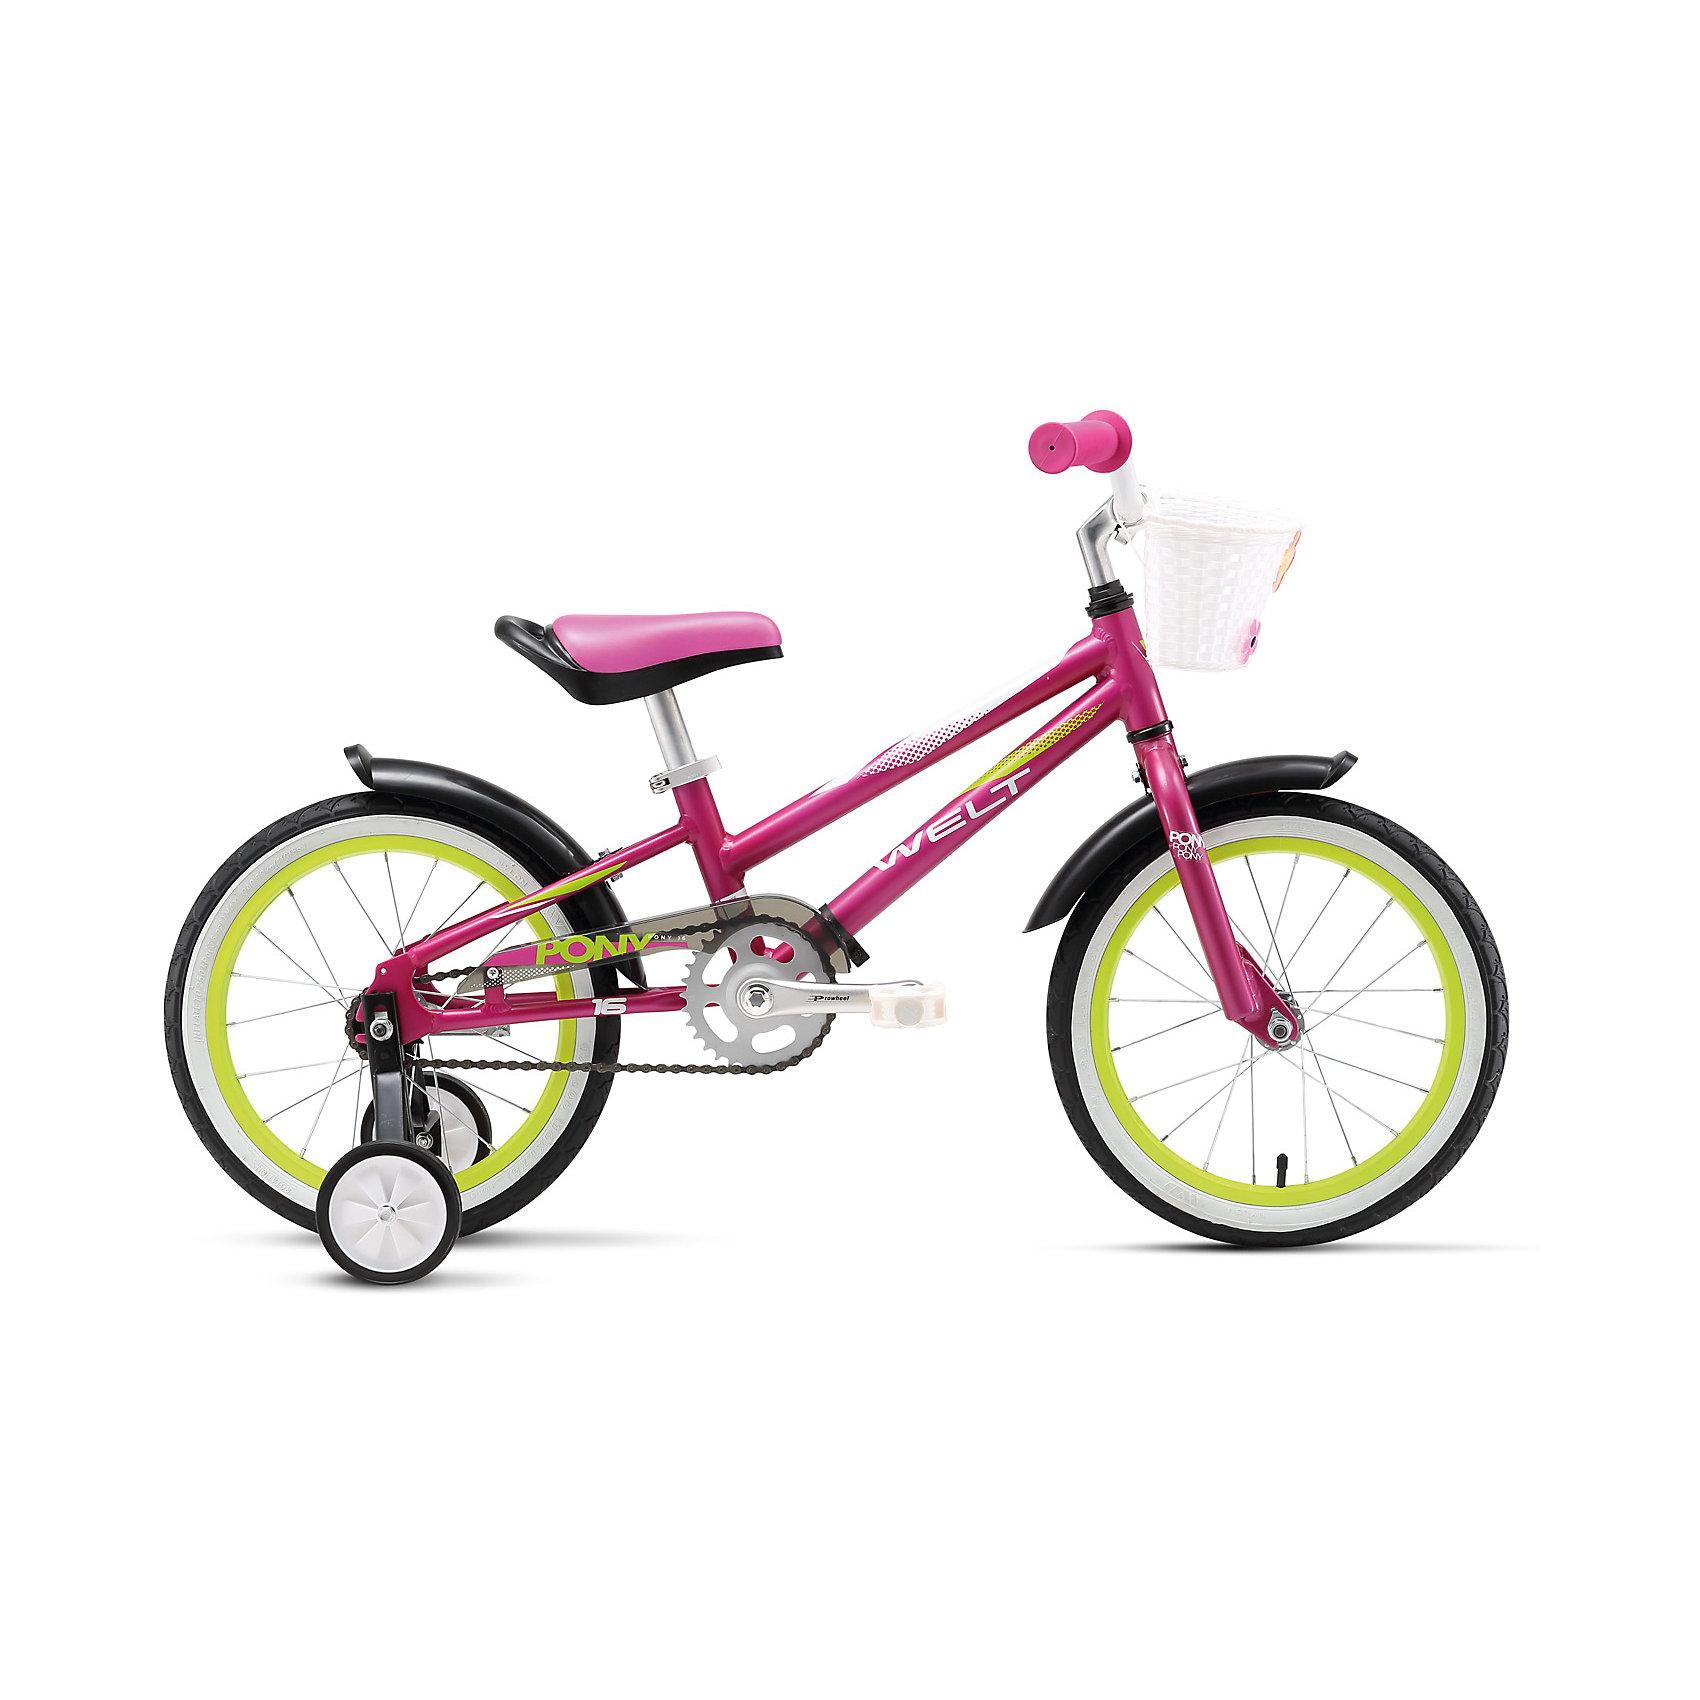 Велосипед  Pony 16, фиолетово-бело-зеленый, WeltВелосипеды детские<br>Характеристики товара:<br><br>• цвет: фиолетовый, белый, зеленый <br>• возраст: от 4 лет <br>• рама: Alloy 6061 (алюминий)<br>• диаметр колес: 16<br>• 1 скорость<br>• тип вилки: жесткая (Rigid)<br>• тип тормозов: ножной (coaster)<br>• система: 3 pcs alloy<br>• кассета: 28T integrated<br>• тип рулевой колонки:  1 резьбовая<br>• покрышки: Wanda 1021 16x2,125 <br>• вес 7,9 кг в сборе /7,2 кг без боковых колес и корзины <br>• размер:145х20х80см<br>•  страна бренда: Германия<br><br>Ультралегкая детская модель Пони 16 разработана специально для девочек. Боковые колеса будут отличными помошниками во время первых поездок.На руль крепится корзинка, в которую можно положить игрушки или бутылку воды. <br><br>Велосипед  Pony 16 можно купить в нашем интернет-магазине.<br><br>Ширина мм: 1450<br>Глубина мм: 200<br>Высота мм: 800<br>Вес г: 16500<br>Возраст от месяцев: 48<br>Возраст до месяцев: 2147483647<br>Пол: Унисекс<br>Возраст: Детский<br>SKU: 5569410